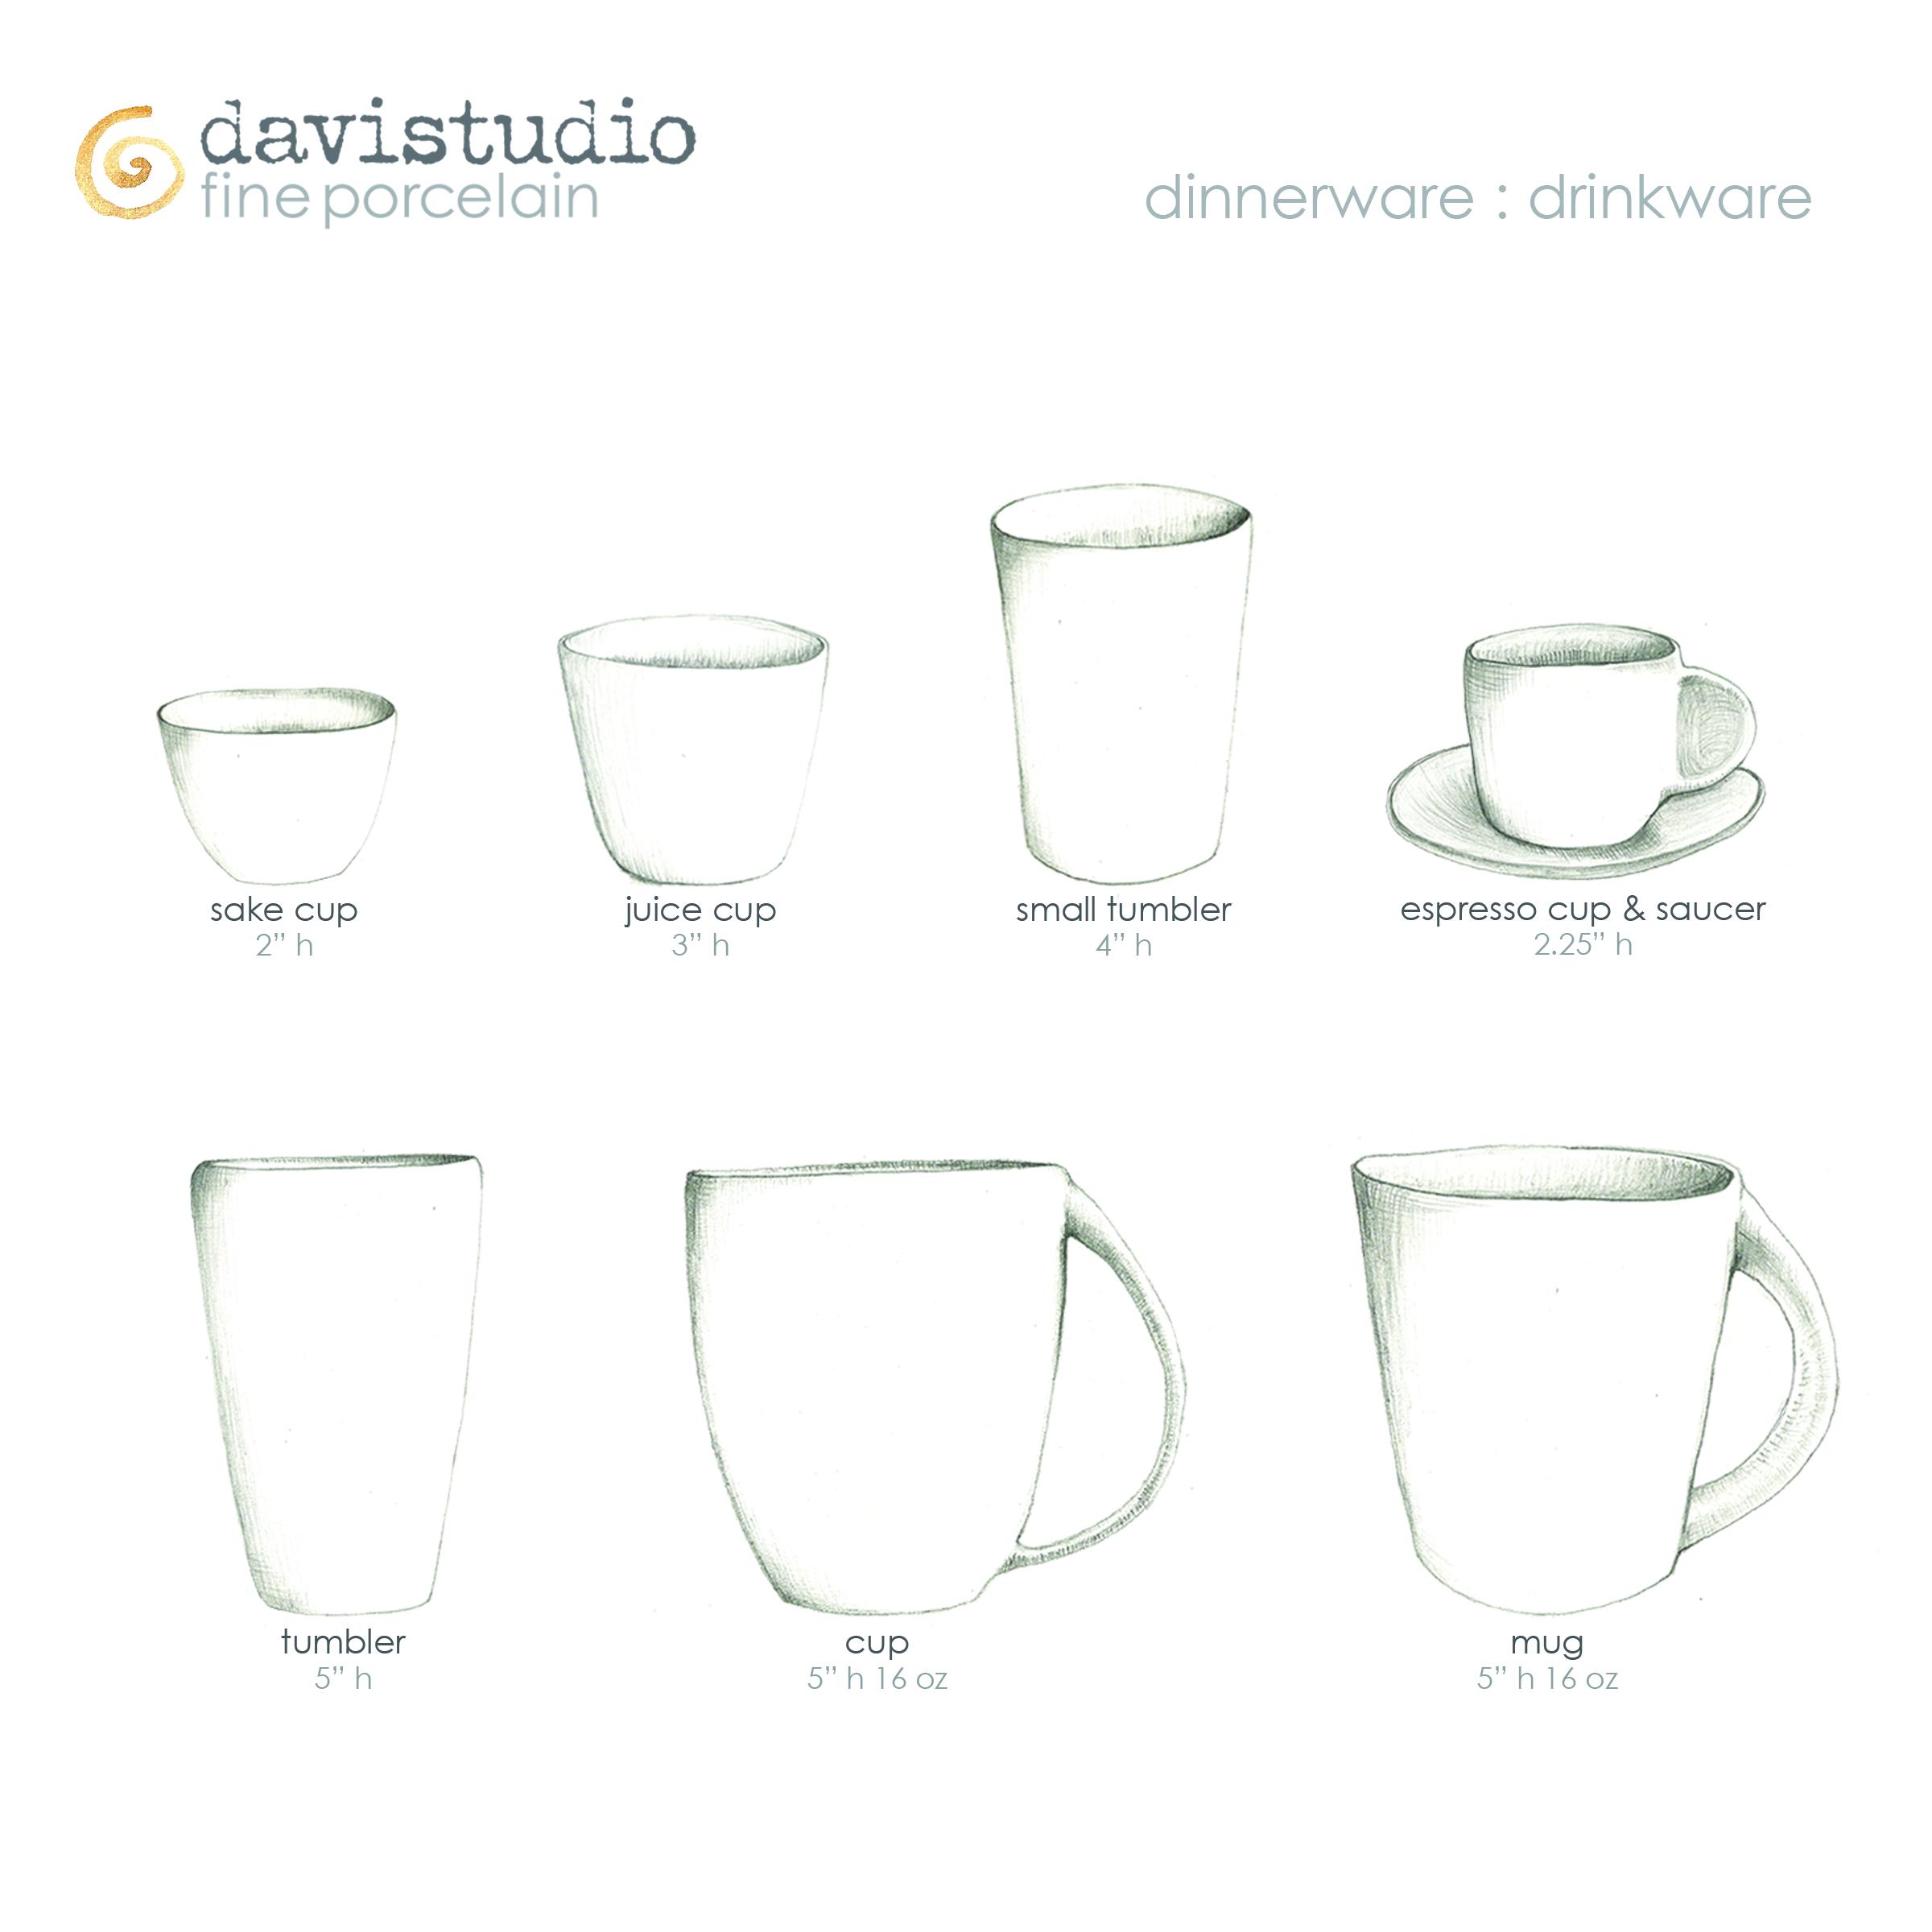 tabletop_drinkware.jpg